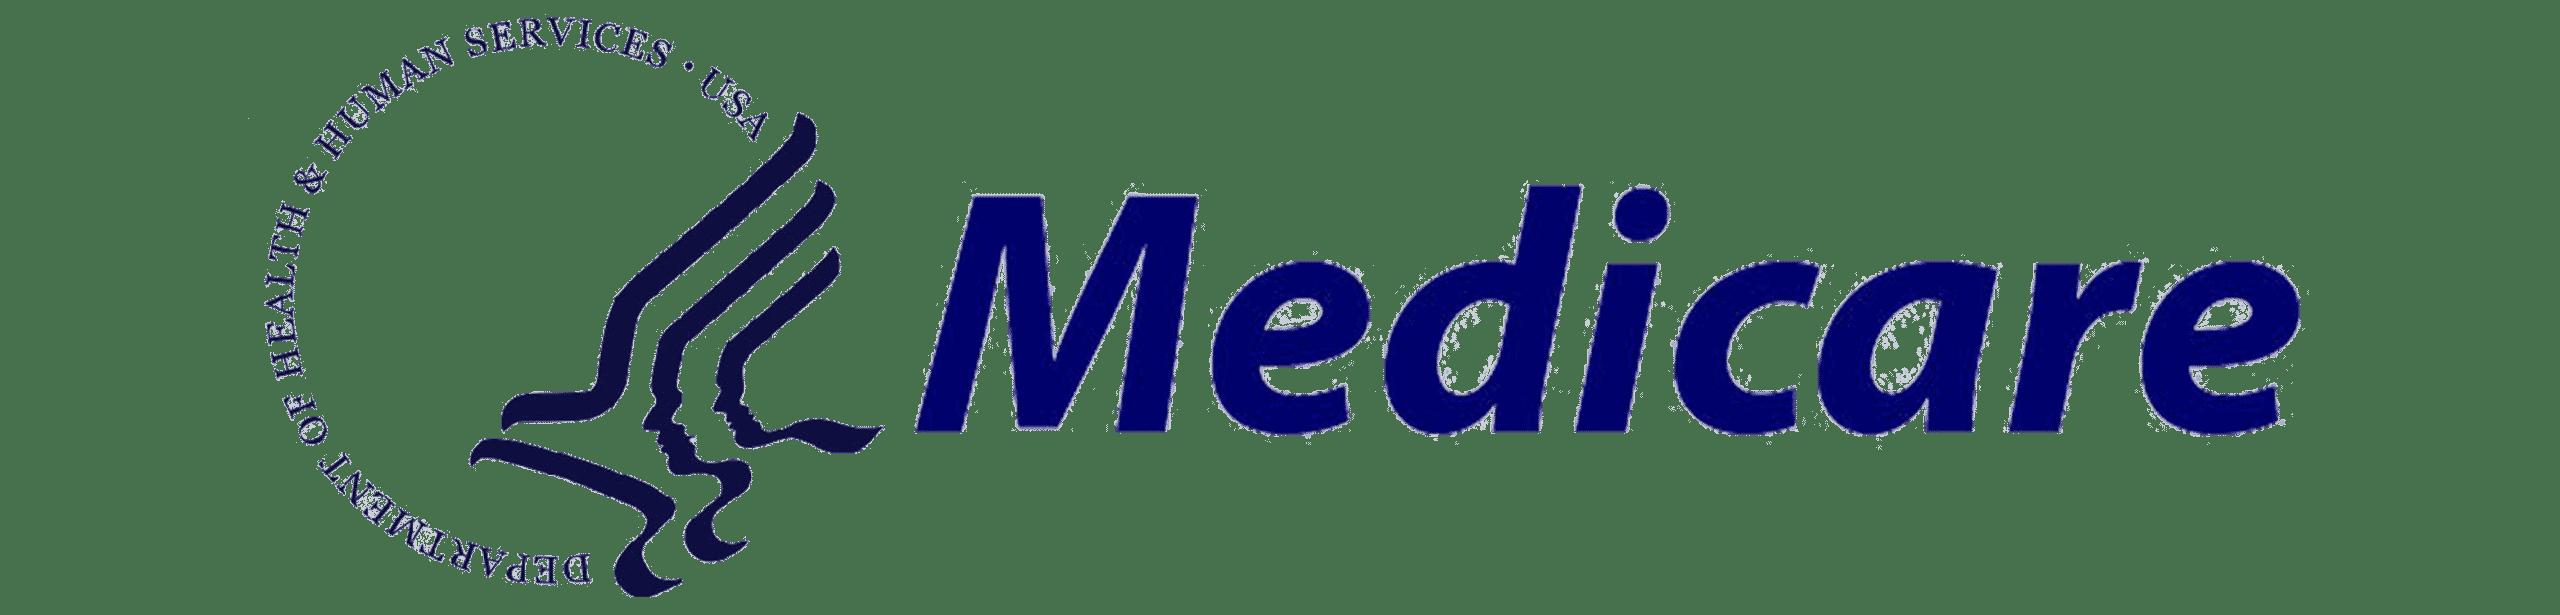 42213_medicare-logo-png